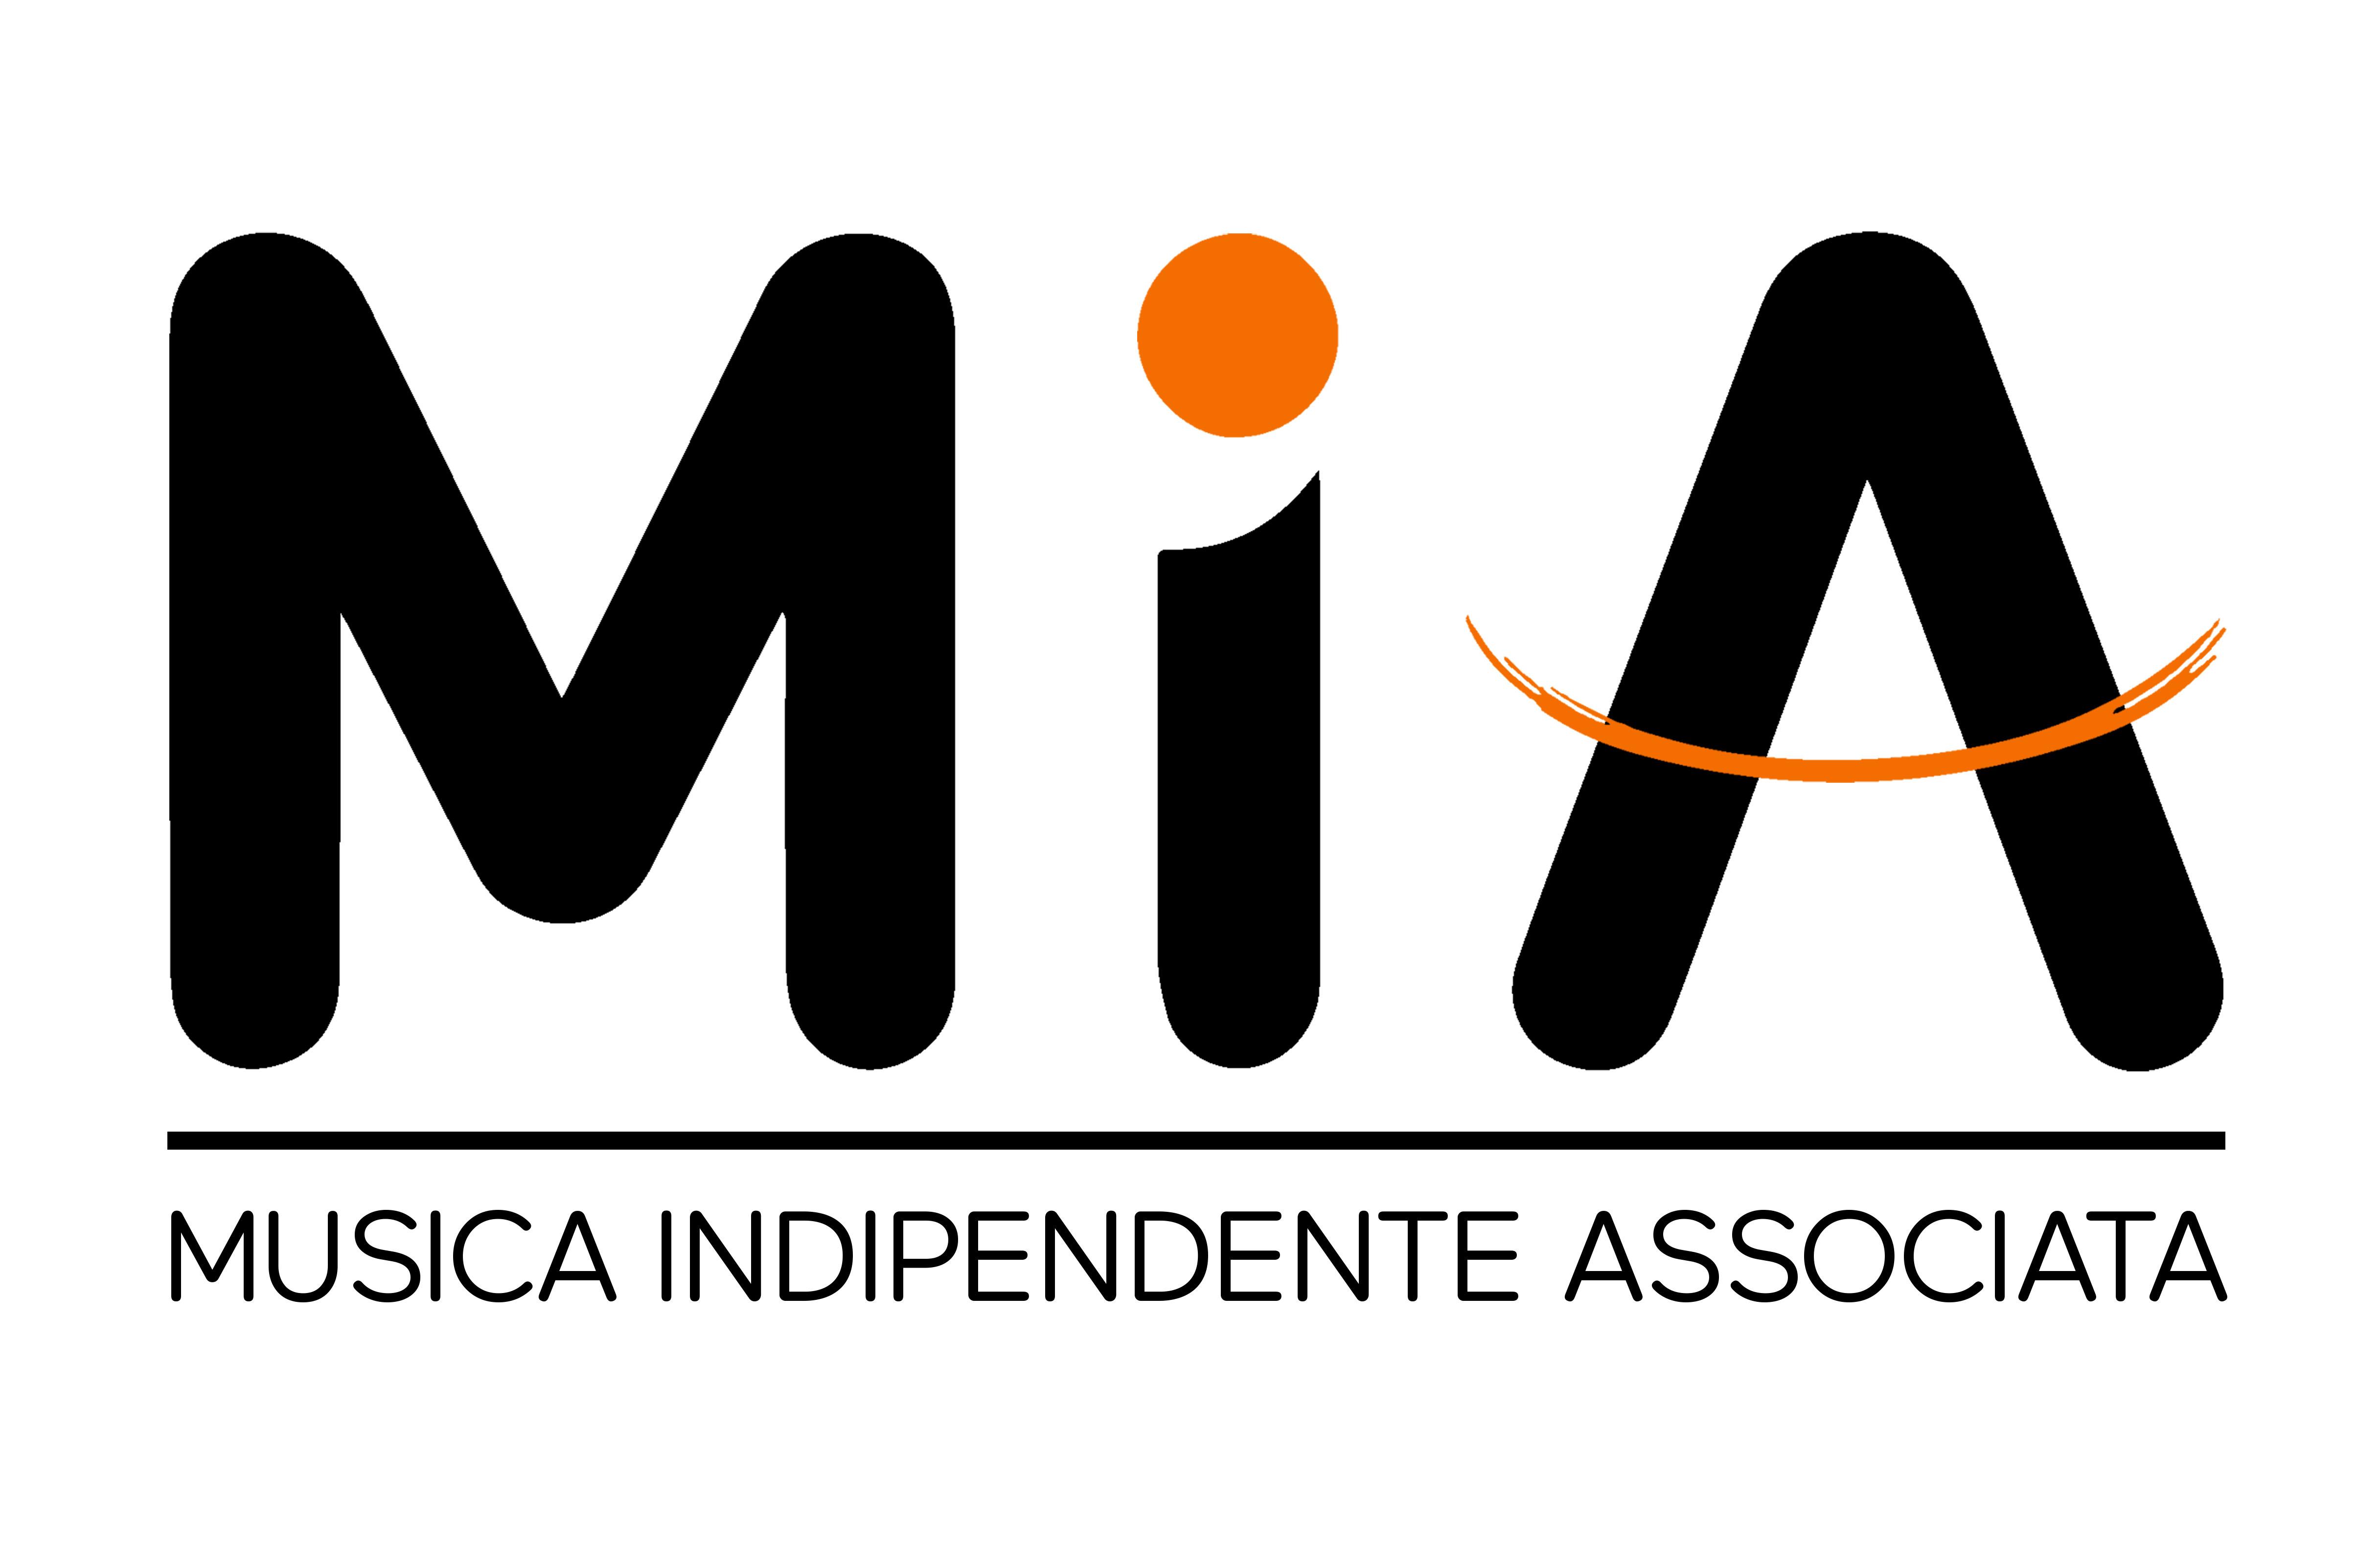 MIA Logo - Radio. Associazioni categoria produttori discografici: progetto di legge Morelli lodevole ma in ritardo di 25 anni. Non solo non aiuterebbe mercato, ma penalizzerebbe emittenti